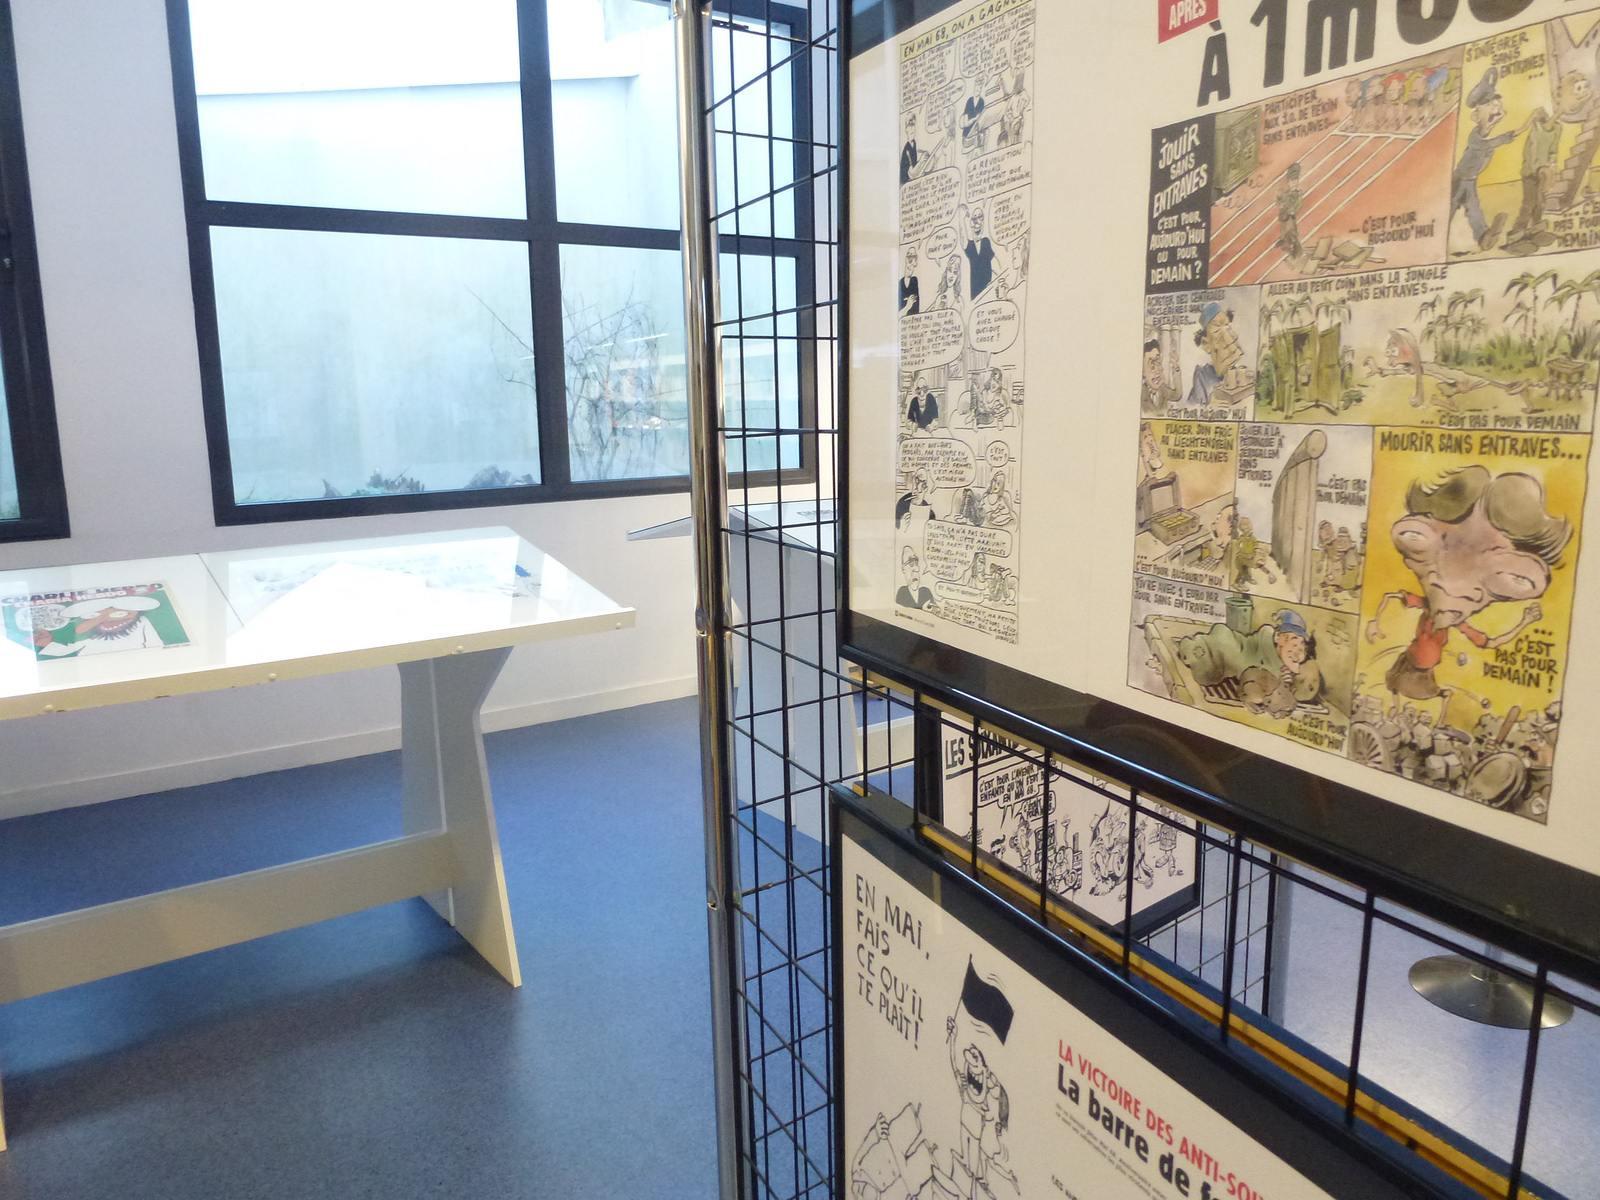 charlie hebdo exhibit12 Exhibition Charlie Hebdo at Quimperle